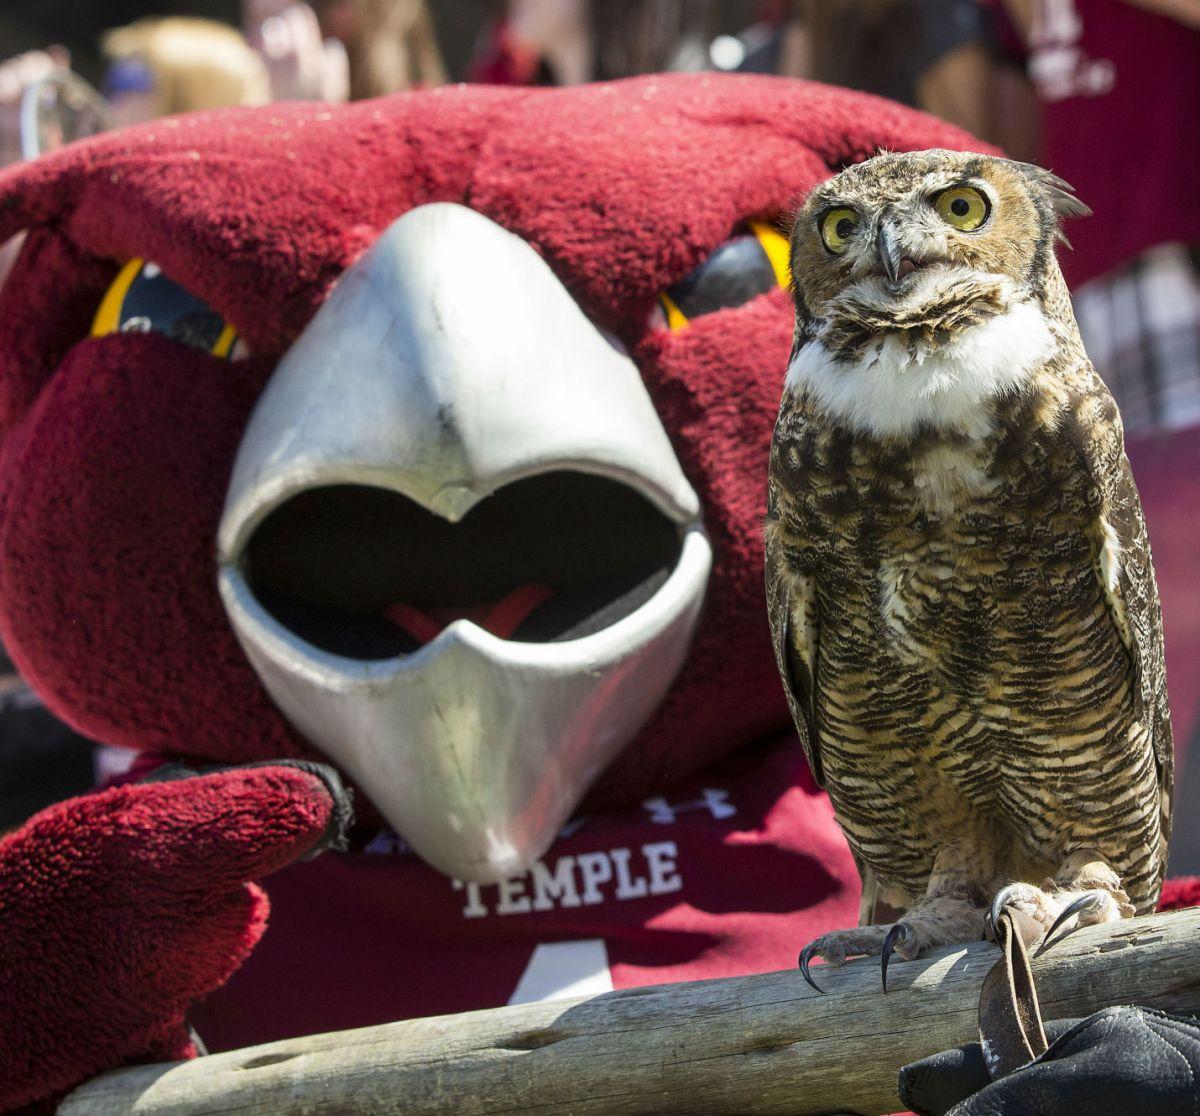 テンプルの新しいマスコットは本物のフクロウ! | テンプルこぼれ話